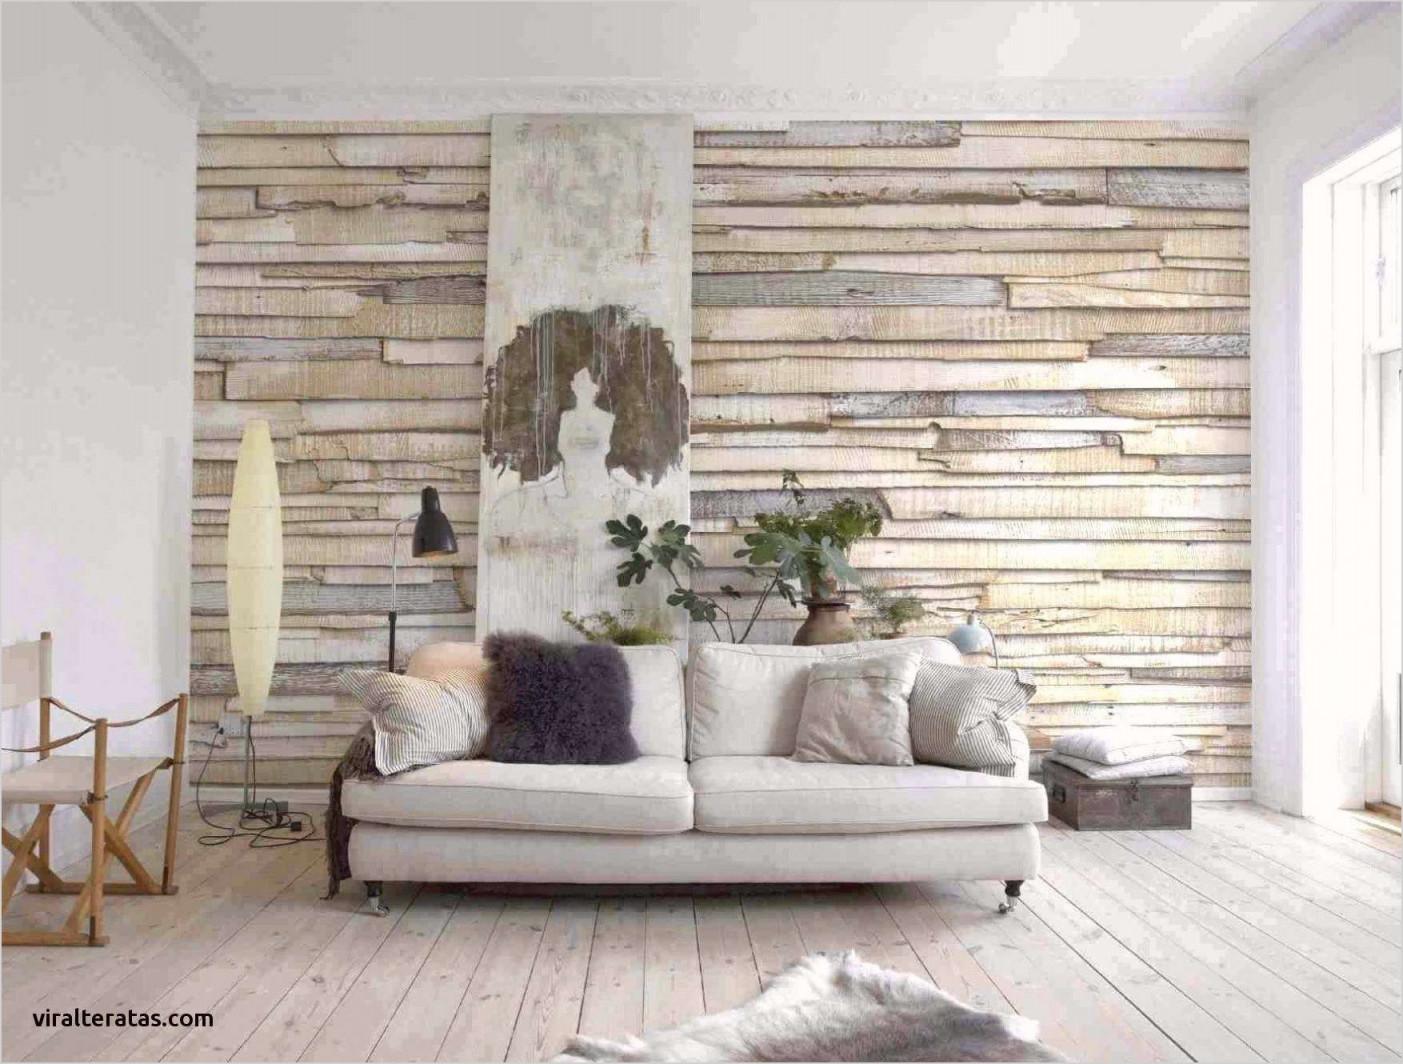 Zimmer Tapeten Ideen (Mit Bildern)  Tapeten Wohnzimmer von Tapeten Wohnzimmer Ideen Photo